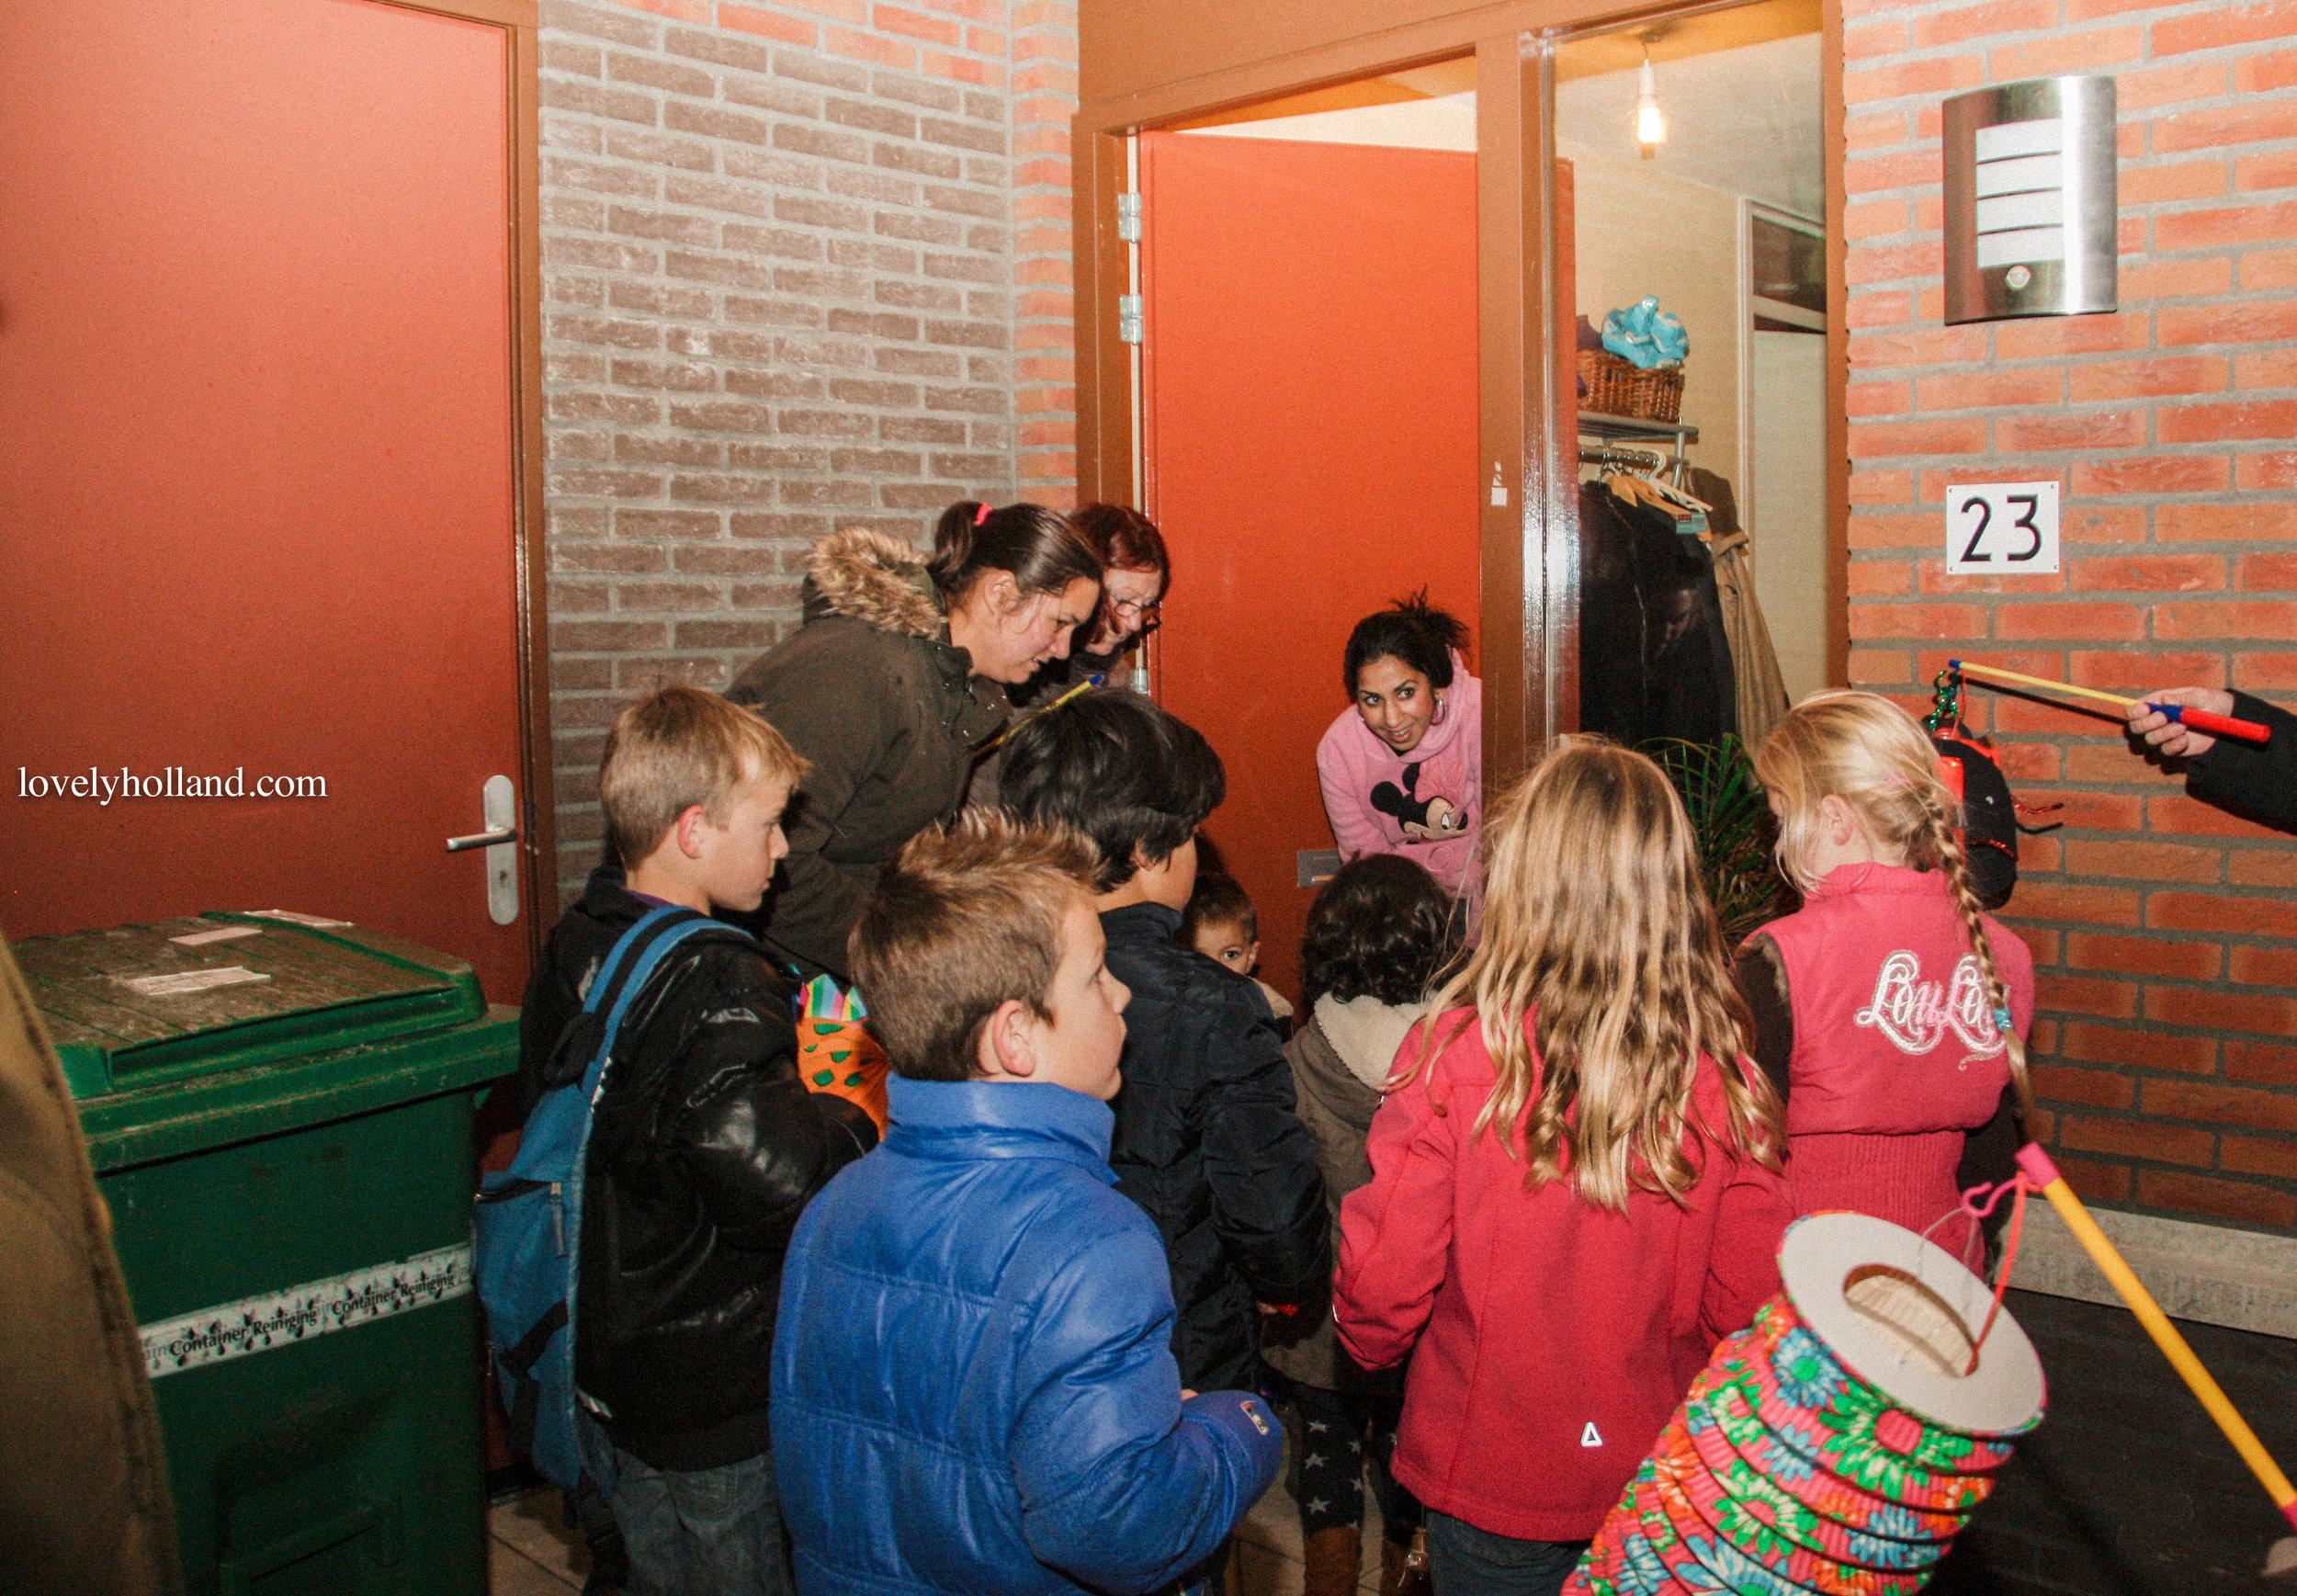 家長陪孩子一起參與活動,孩子們提燈,籠向鄰居唱聖馬丁歌。